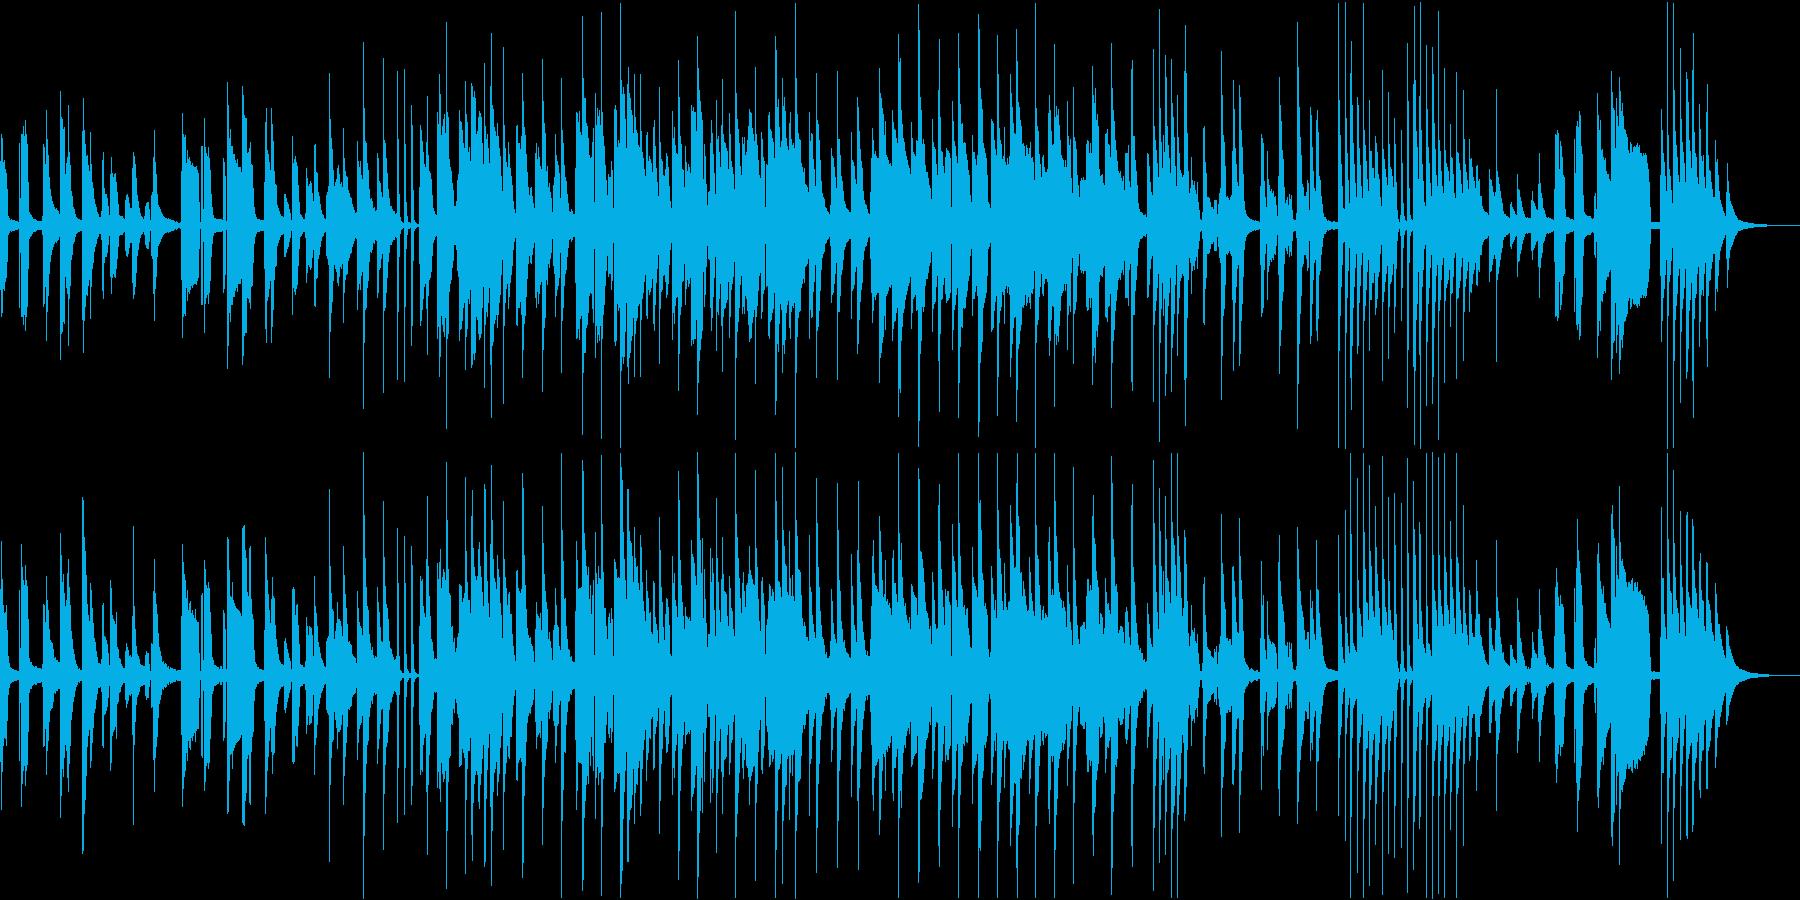 ピアノ弾き語りの優しい音楽の再生済みの波形